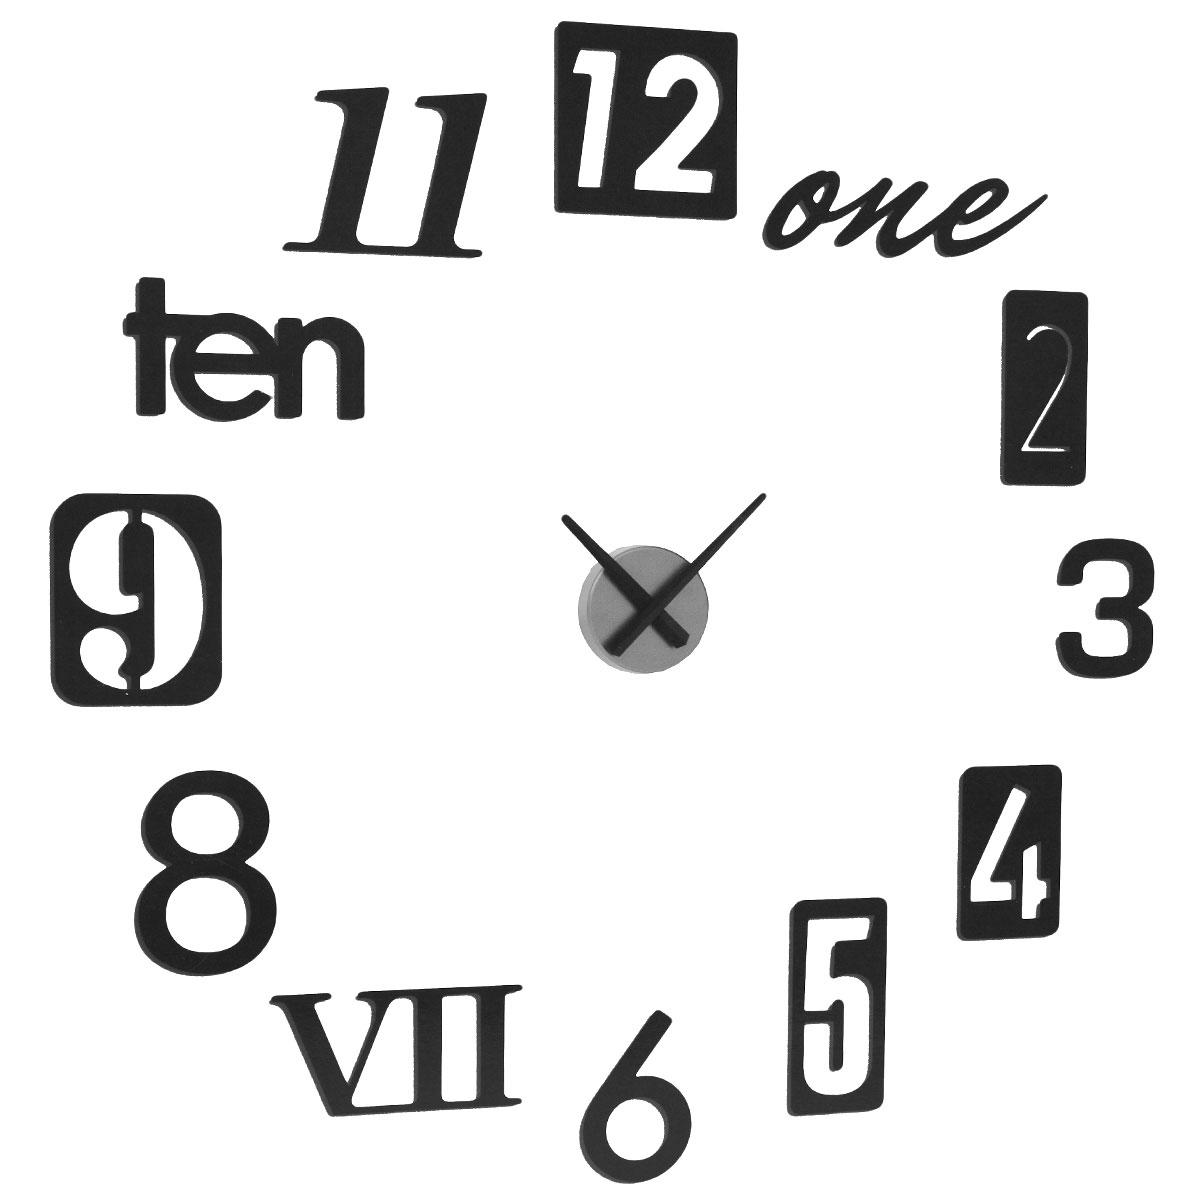 Часы настенные Umbra Numbra, цвет: черный. 118430-040118430-040Часы настенные Umbra Numbra своим дизайном подчеркнут стильность и оригинальность интерьера вашего дома. Корпус часов круглой формы выполнен из металла. Часы имеют две стрелки - часовую, минутную. В комплекте с часами имеется 12 металлических цифр, слов, позволяющие создать аппликацию вокруг циферблата. Цифры можно располагать по стене в произвольном порядке, или в порядке, указанном в инструкции. Такие часы послужат отличным подарком для ценителя ярких и необычных вещей. Характеристики: Материал: пластик, металл. Диаметр часов: 9,5 см. Диаметр аппликации: 55 см. Размер упаковки: 32 см х 33 см х 6 см. Изготовитель: Китай. Артикул: 118430-040. Рекомендуется докупить батарейку типа АА (в комплект не входит).